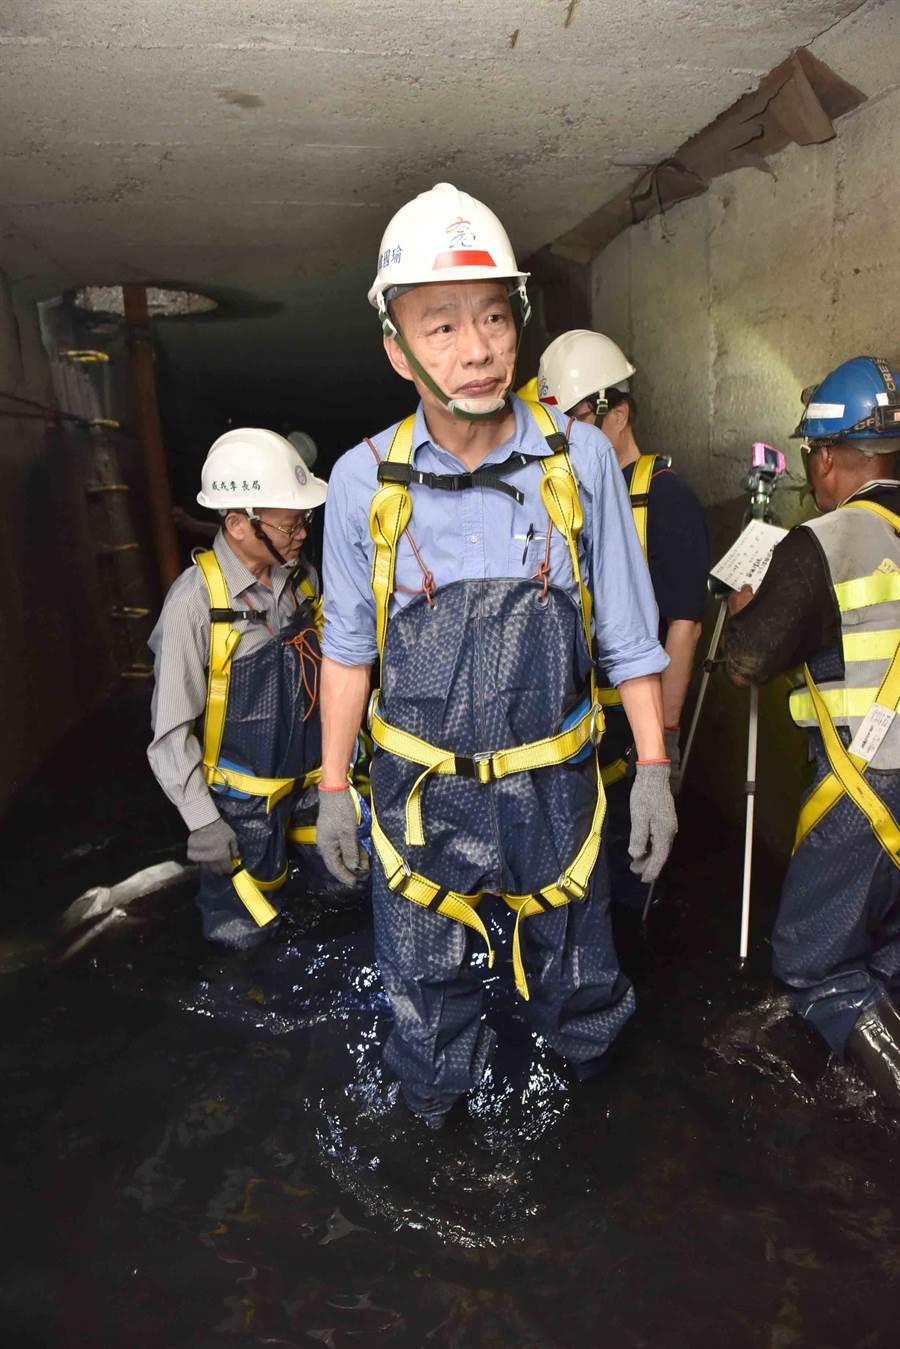 高雄巿長韓國瑜日前穿青蛙裝進入三民區同盟二路與自立一路口視察下水道。(曹明正翻攝)